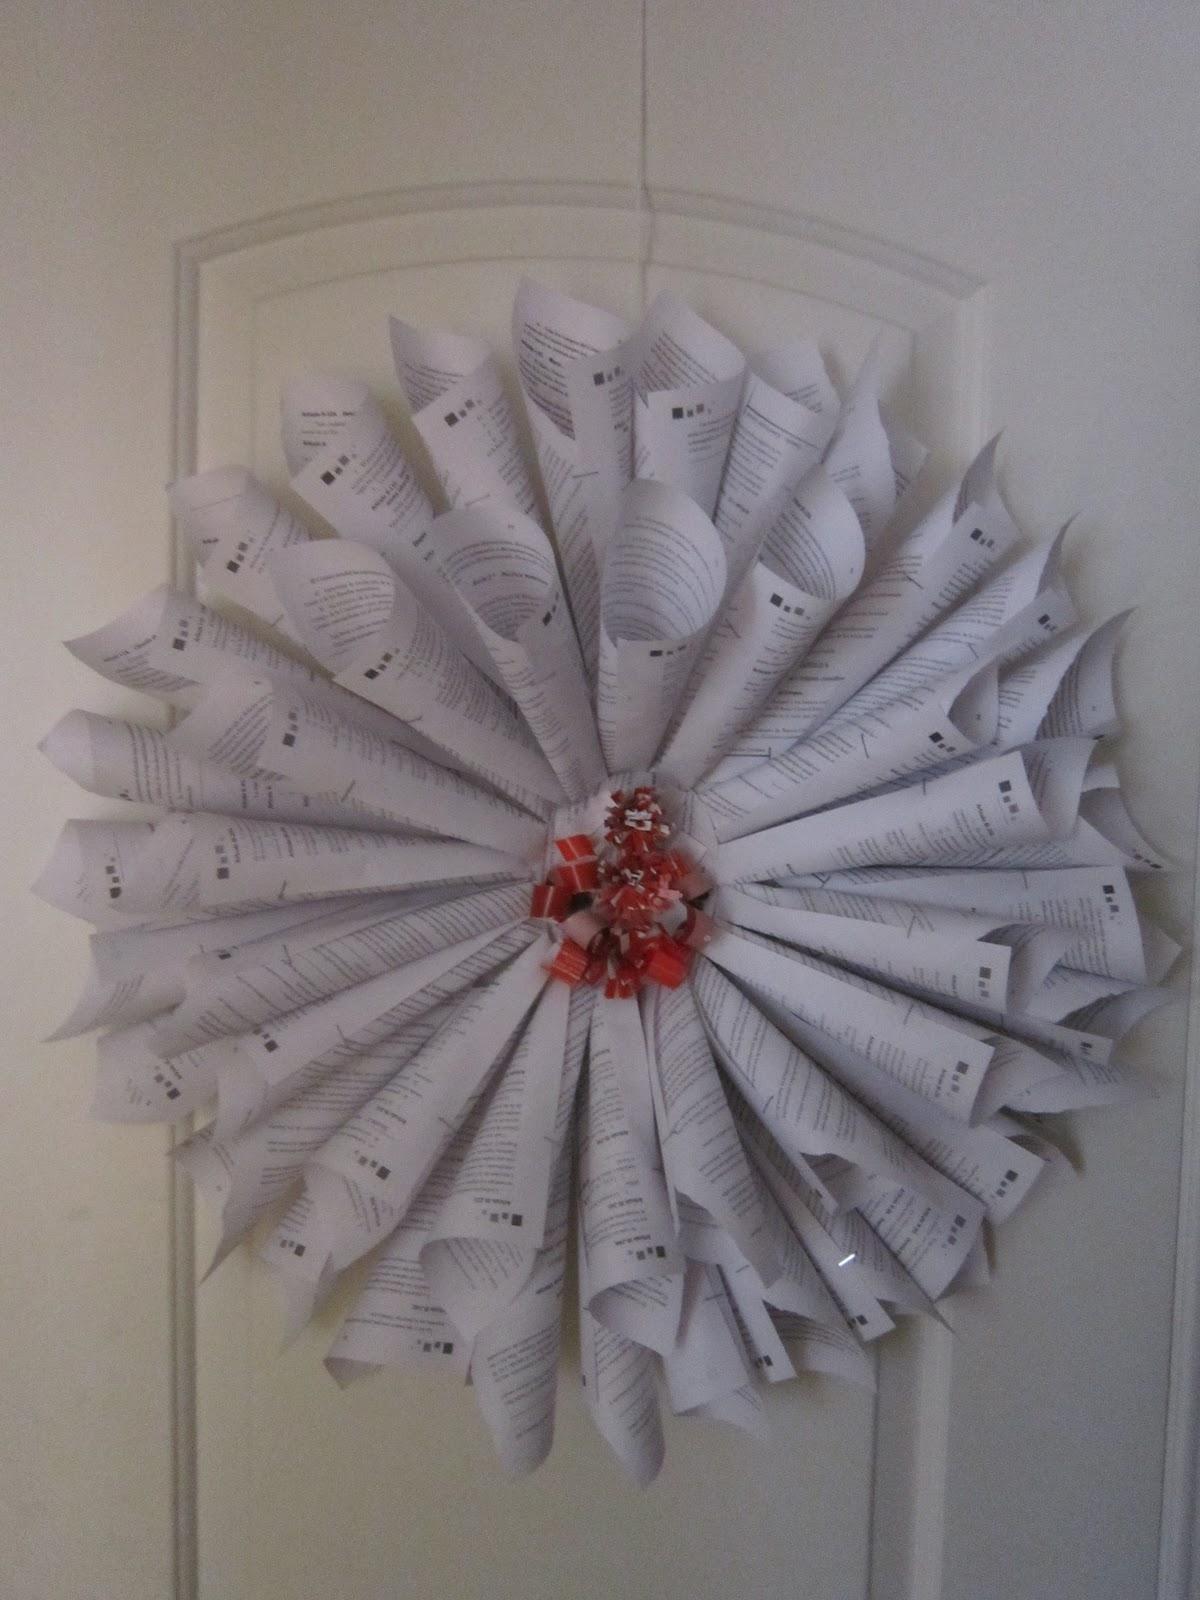 Reciclado artesanal recicla en navidad for Puertas decoradas arbol de navidad